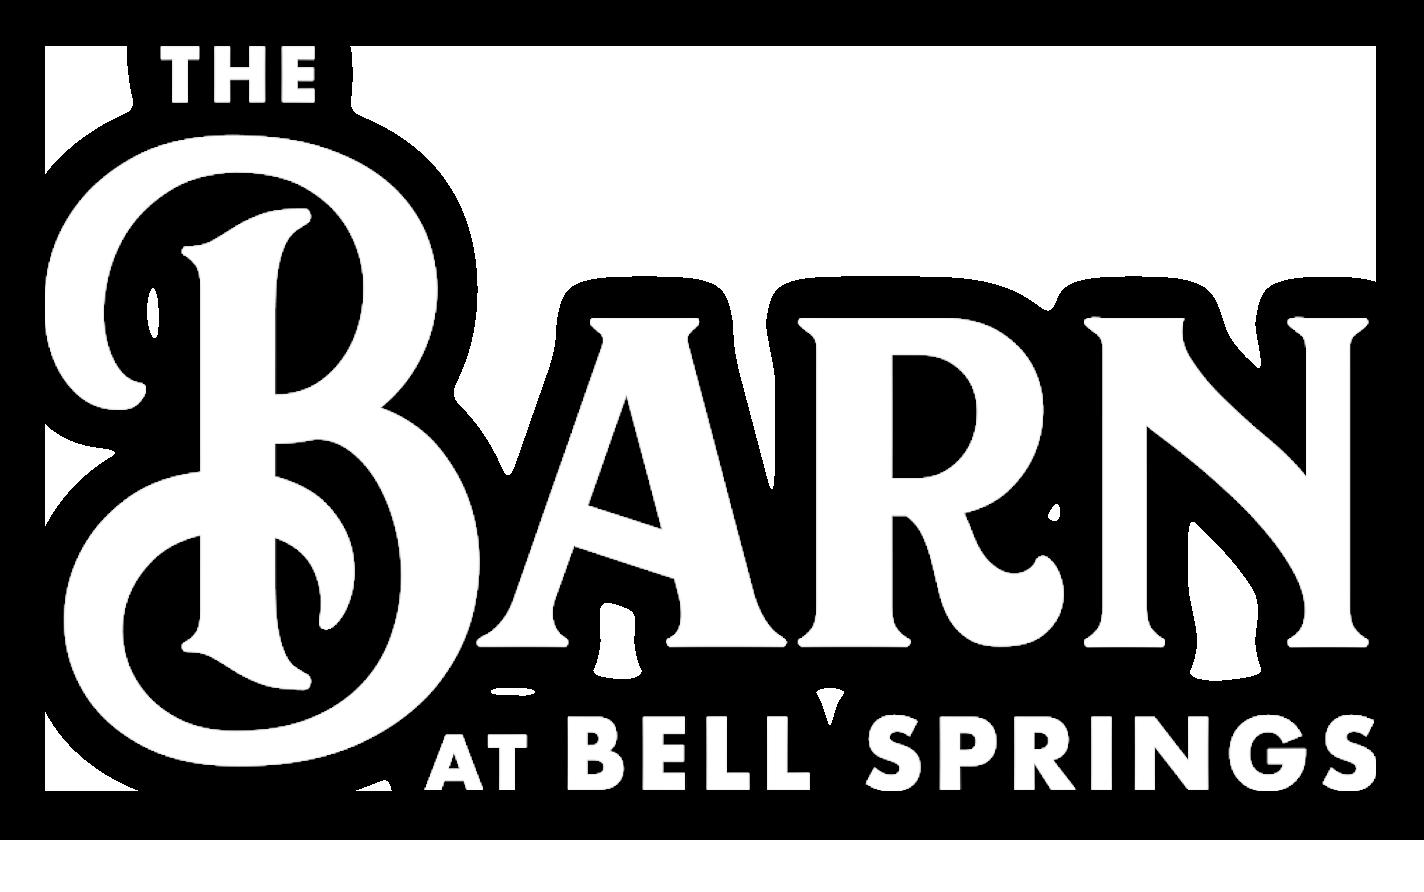 Gallant_barnbellsprings_white_logo.png